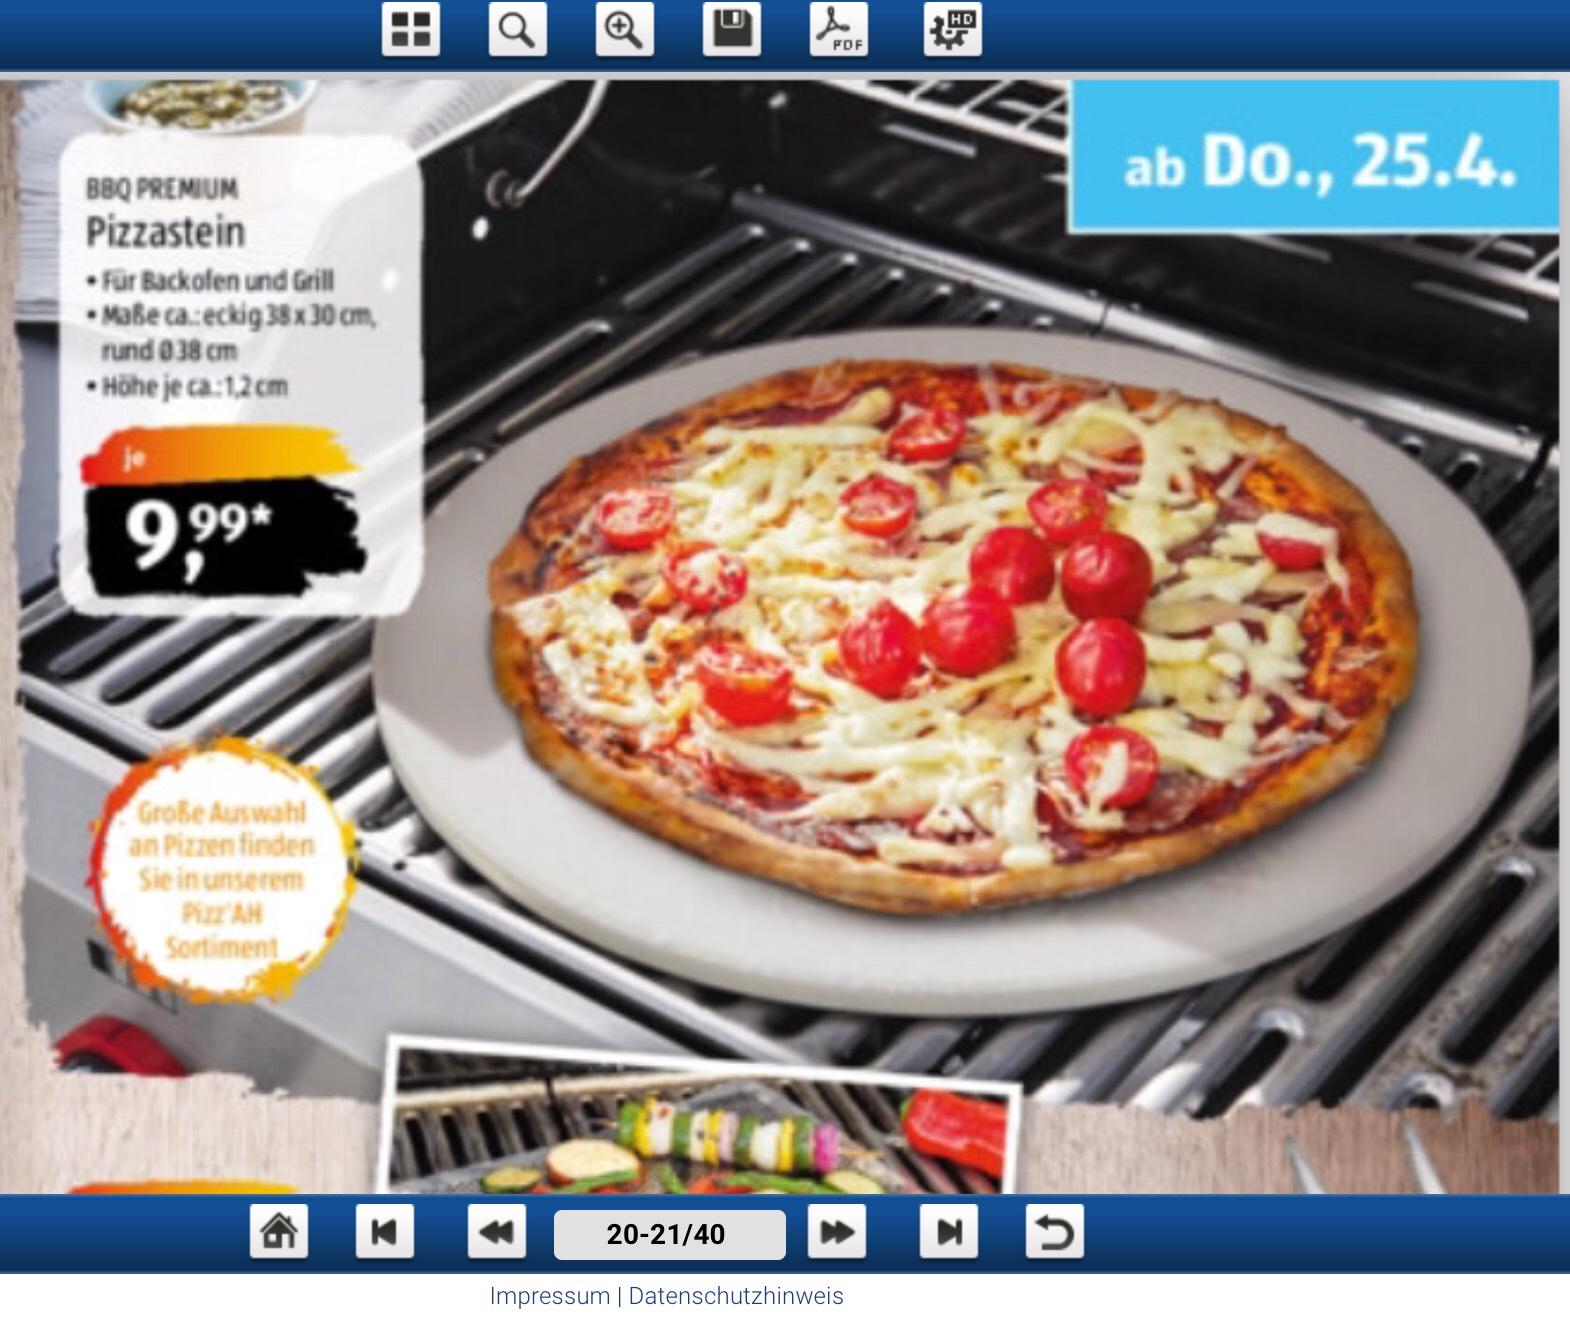 BBQ Premium Pizzastein (Backofen & Grill) rund oder eckig [Aldi Süd & Nord]